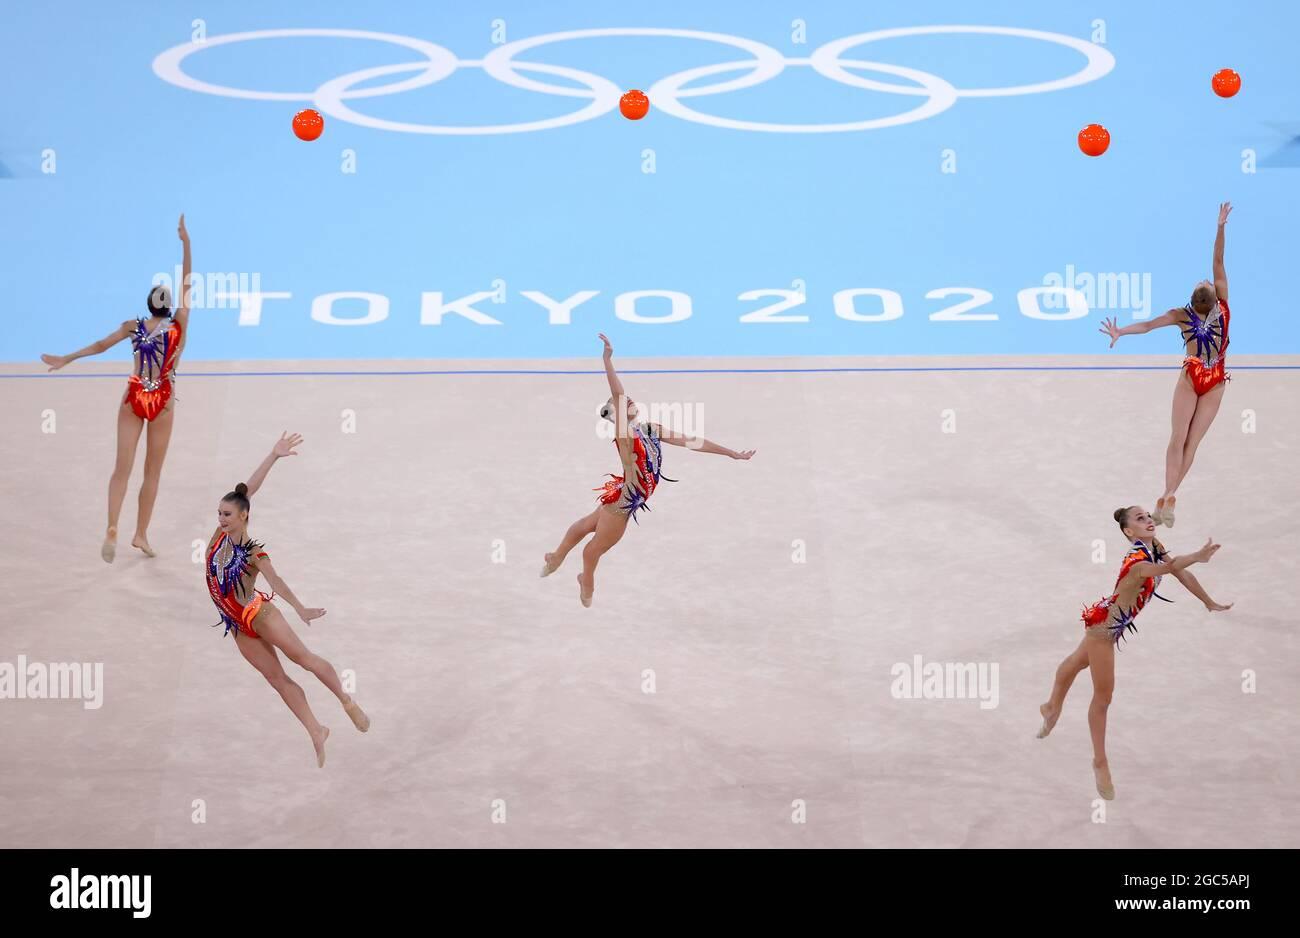 Olympische Spiele 2020 In Tokio - Gymnastik - Rhythmisch - Gruppen-Rundum - Qualifikation - Ariake Gymnastik Center, Tokio, Japan - 7. August 2021. Team Belarus im Einsatz mit Bällen während des Wettbewerbs REUTERS/Lindsey Wasson Stockfoto